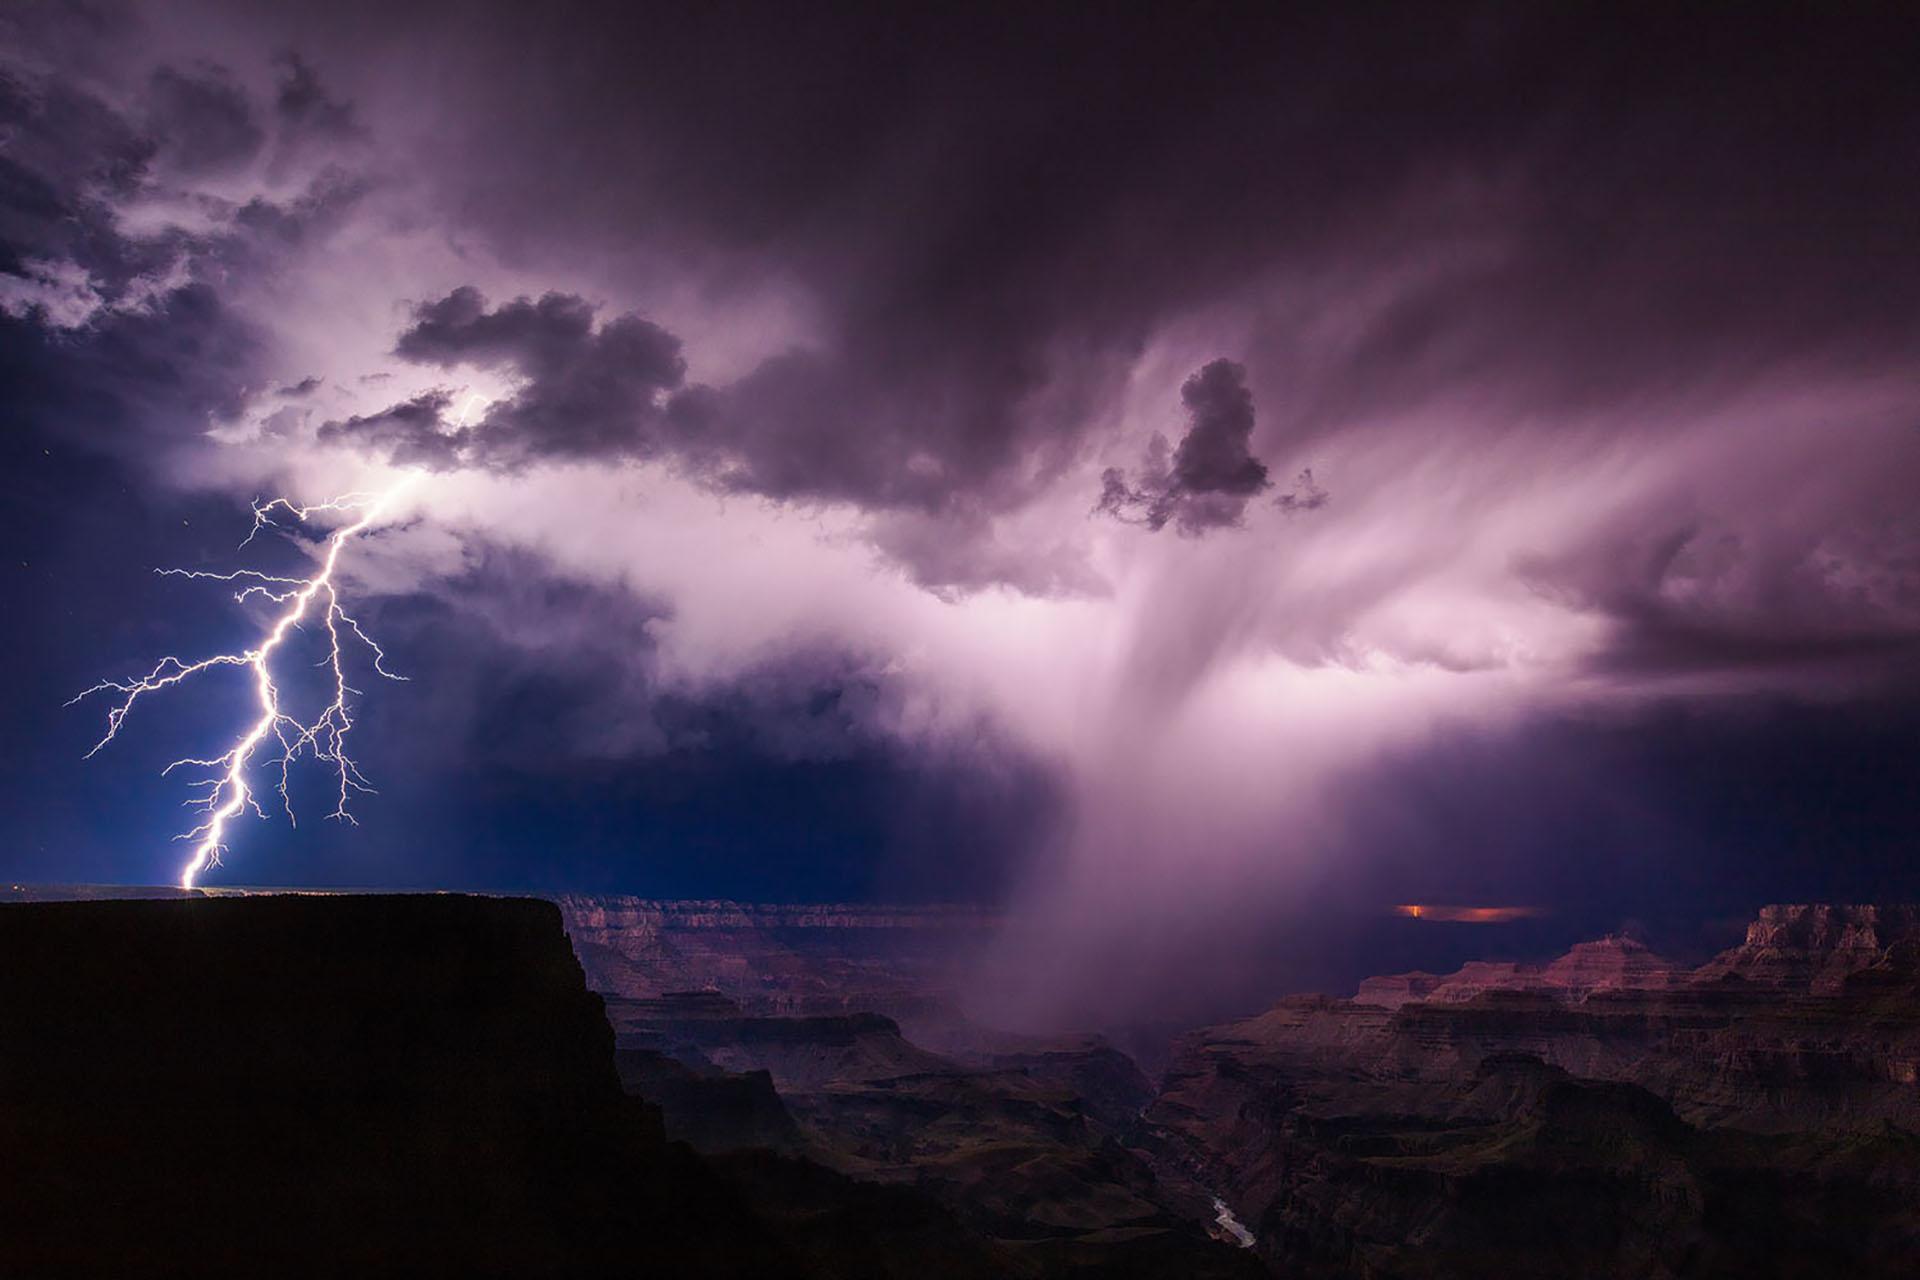 Una tormenta eléctrica de verano desata relámpagos en el borde sur del Gran Cañón.